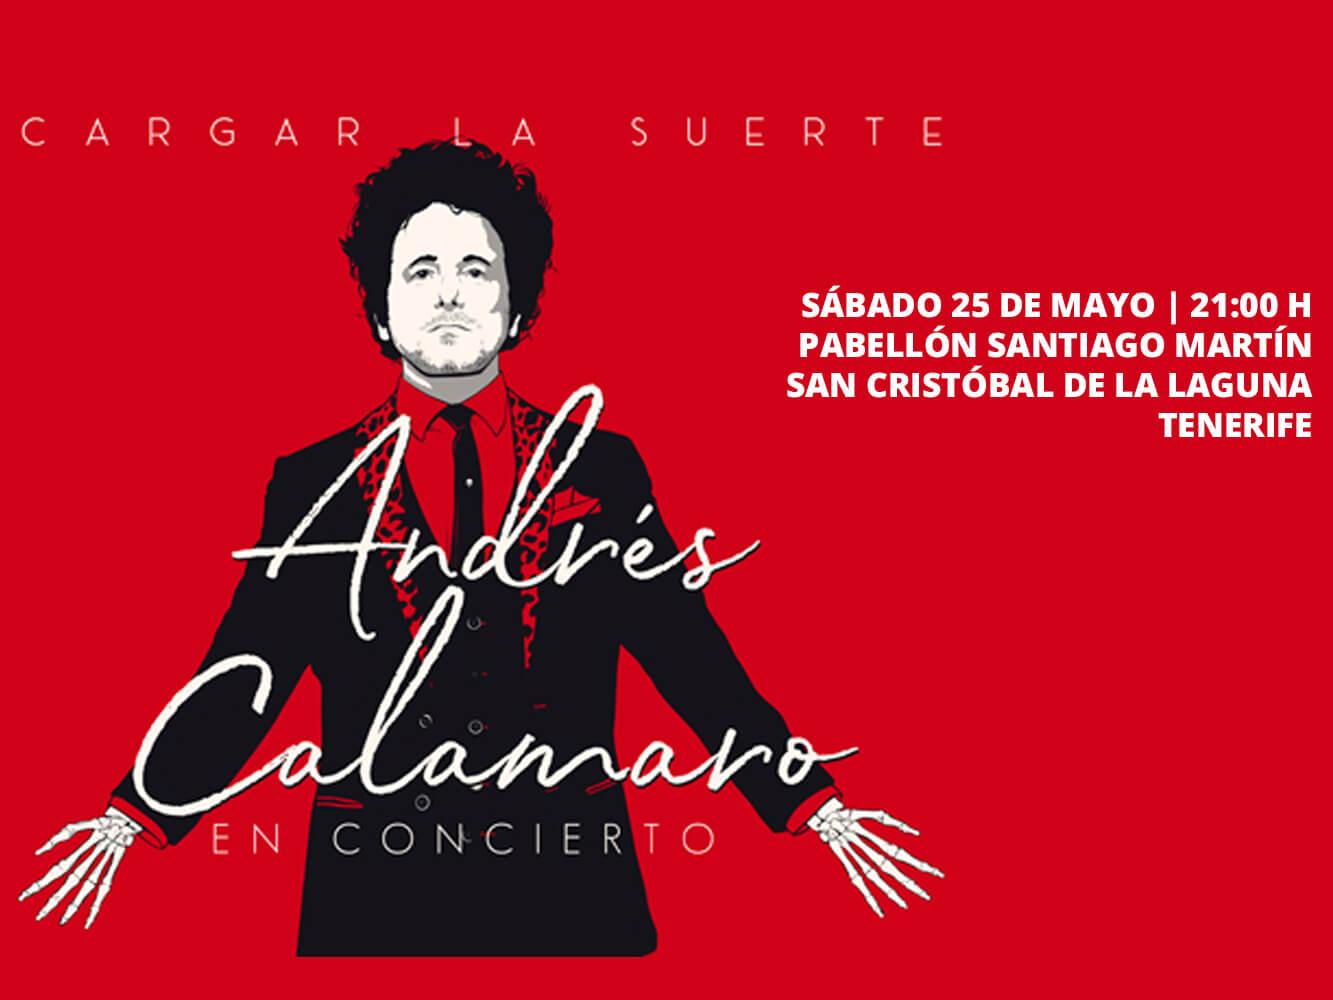 Andrés Calamaro Tenerife